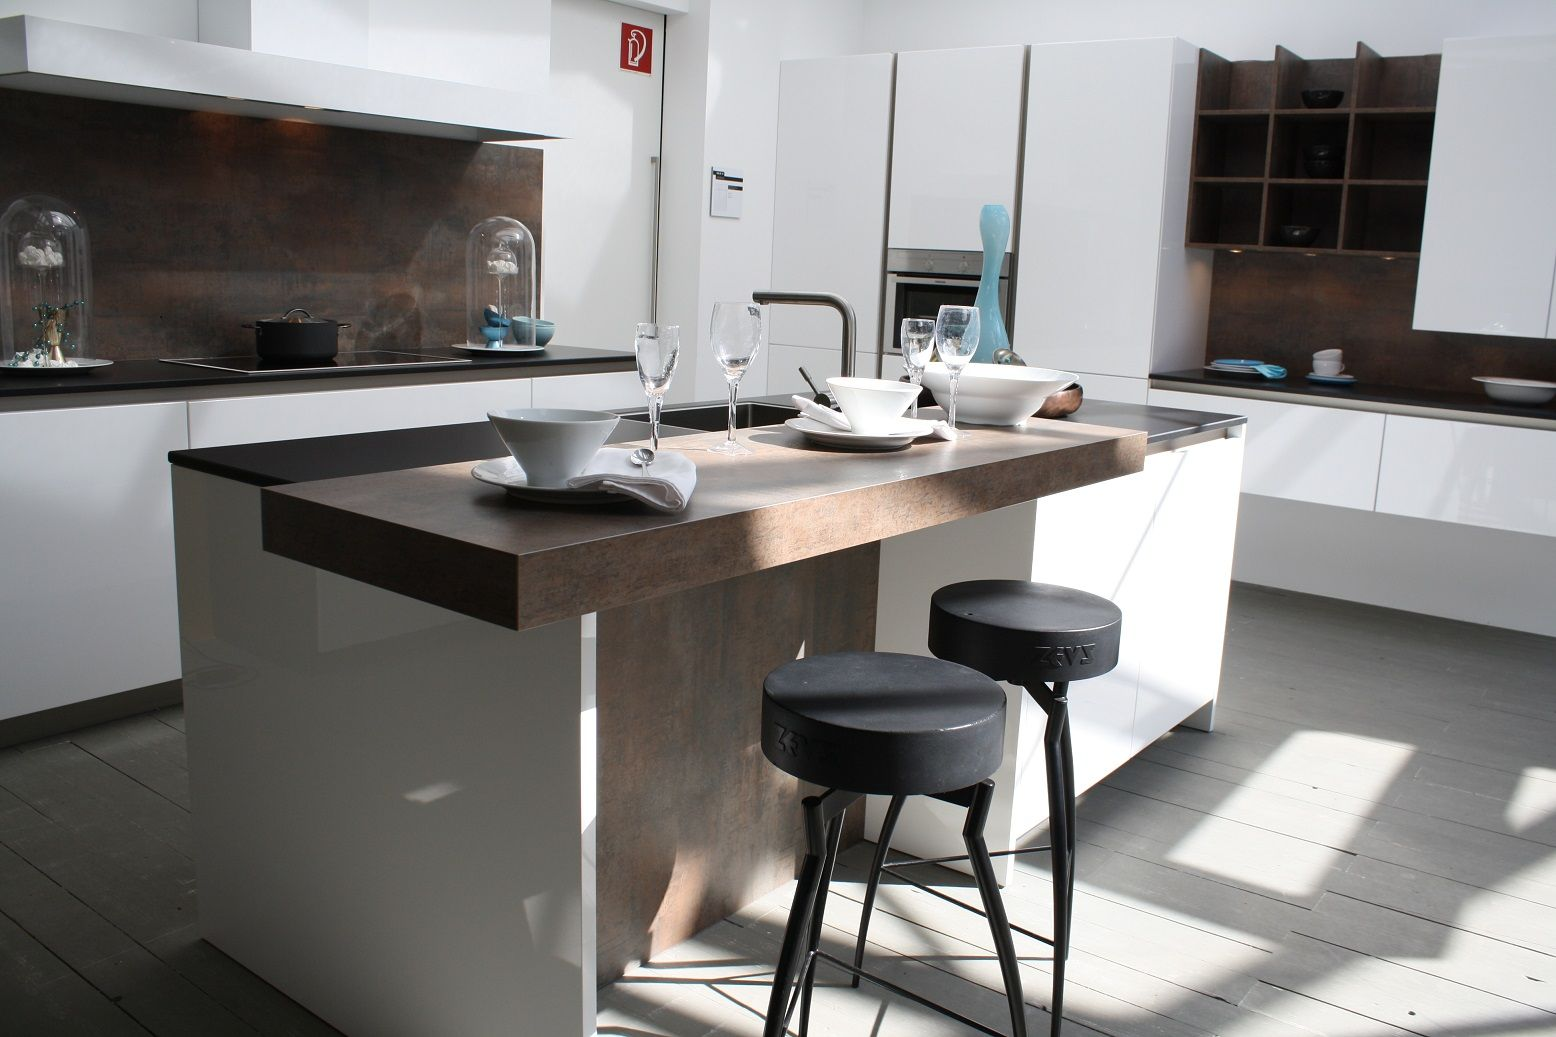 Moderne Keukens Showroom : ... keukens voor zeer lage keuken prijzen ...